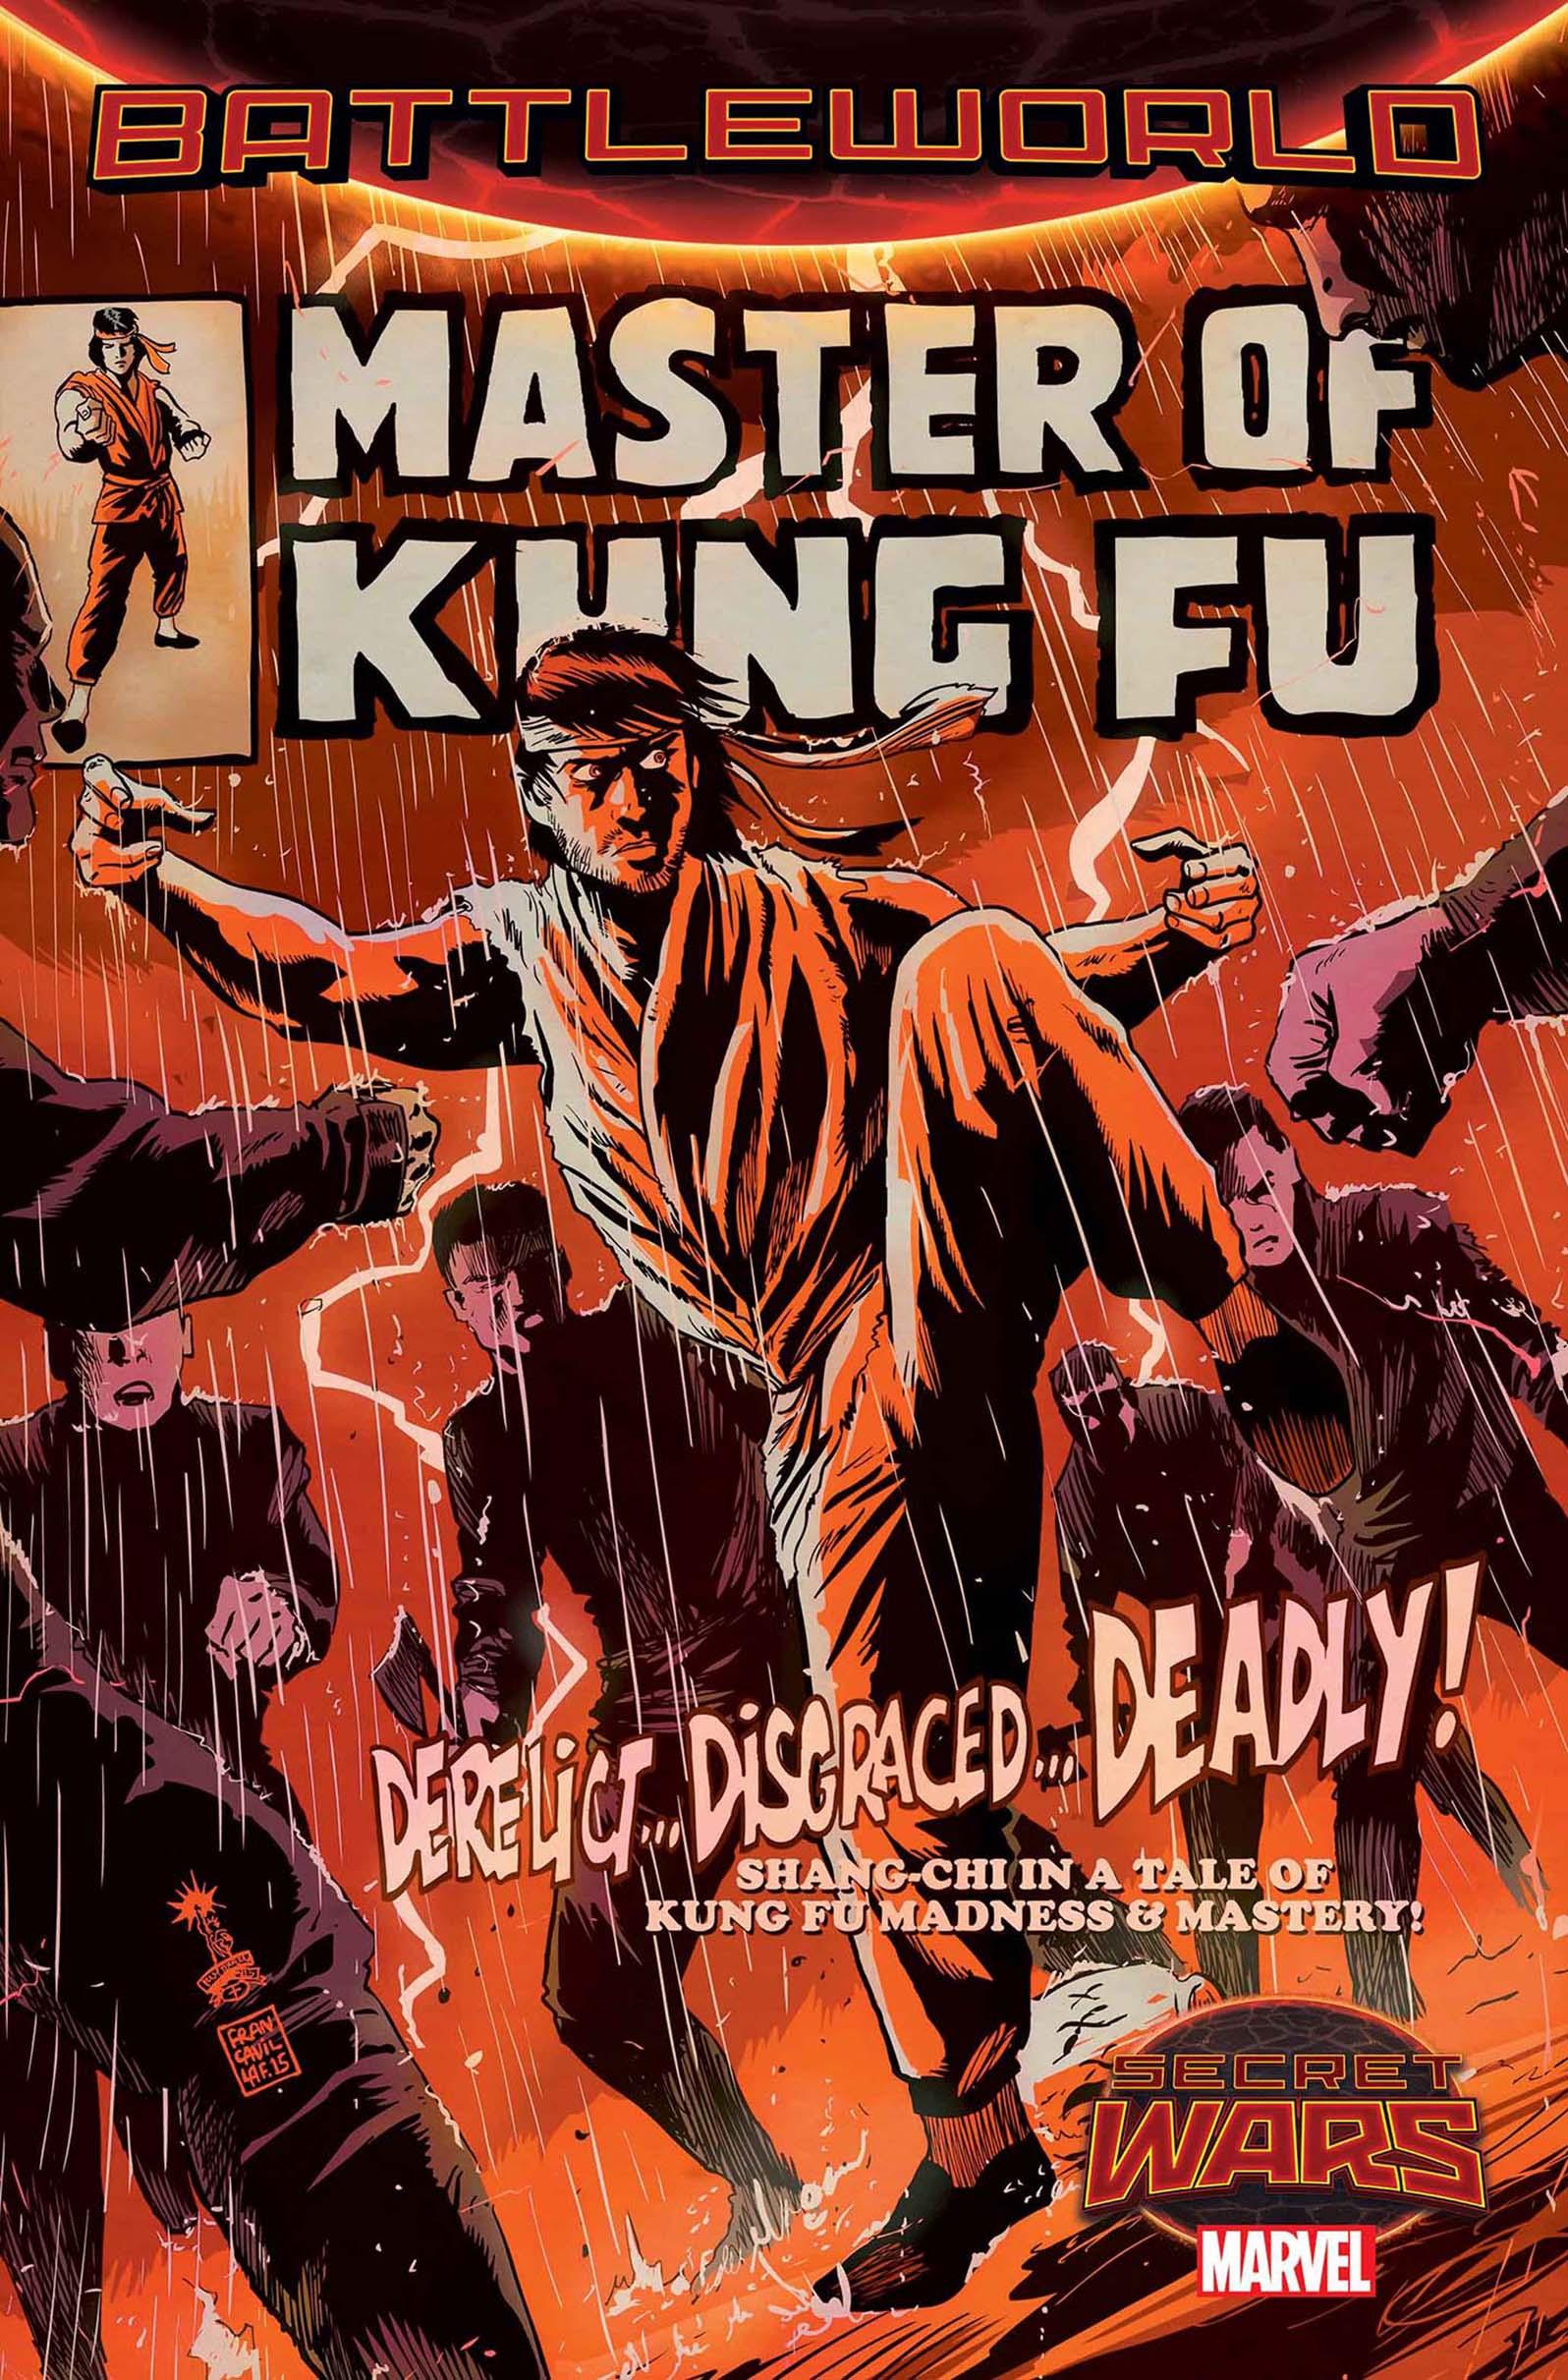 New Look at Master of Kung-Fu